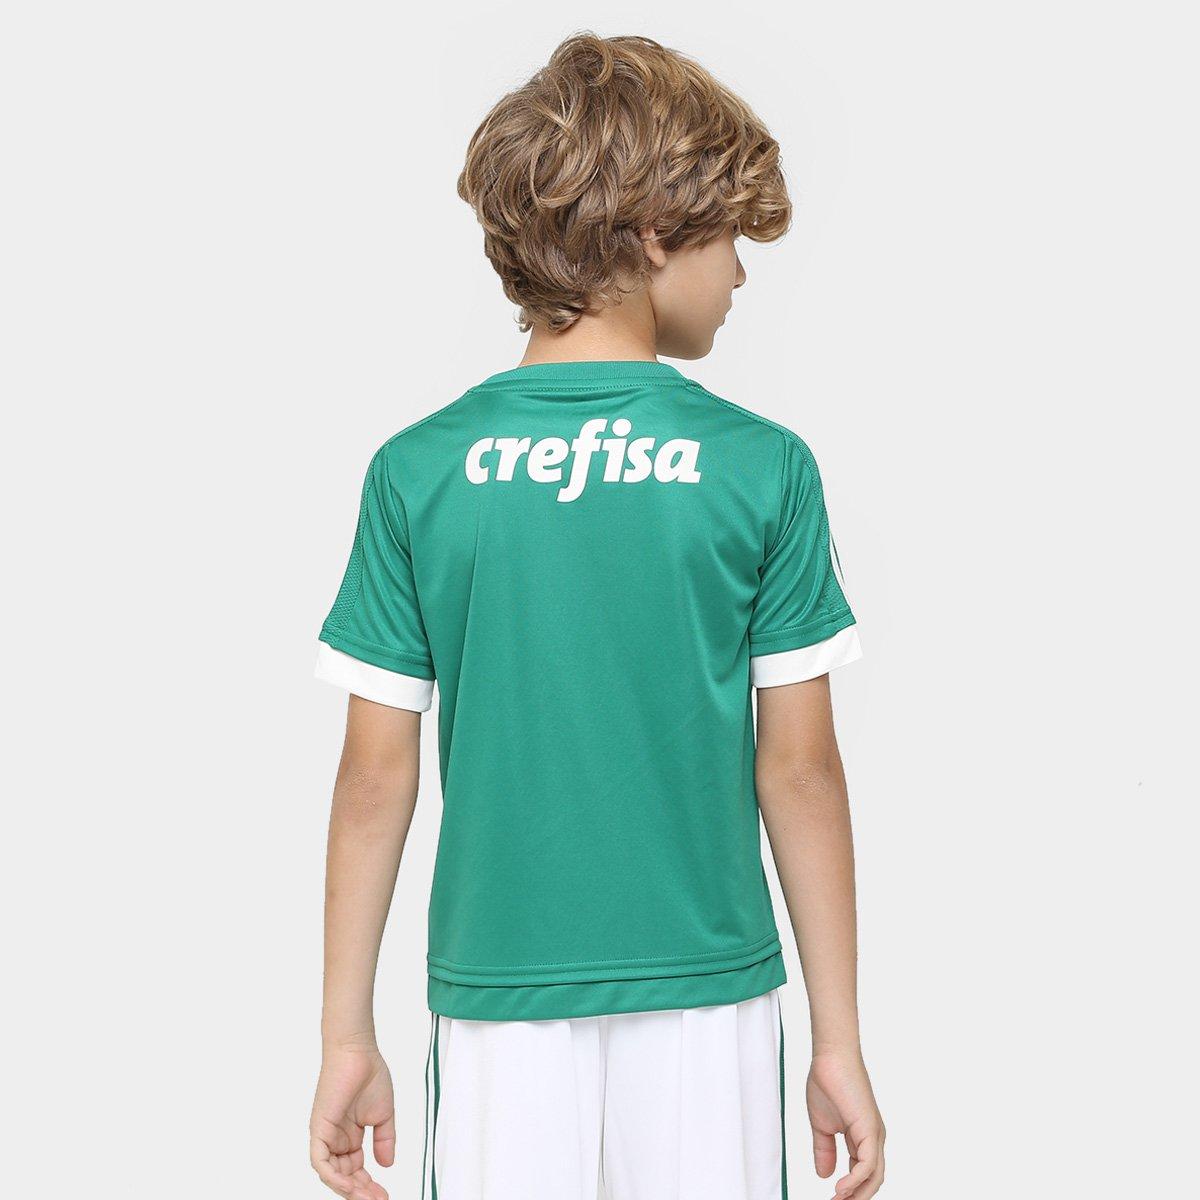 5527adf21a Camisa Palmeiras Infantil I 15 16 s nº Torcedor Adidas - Compre ...